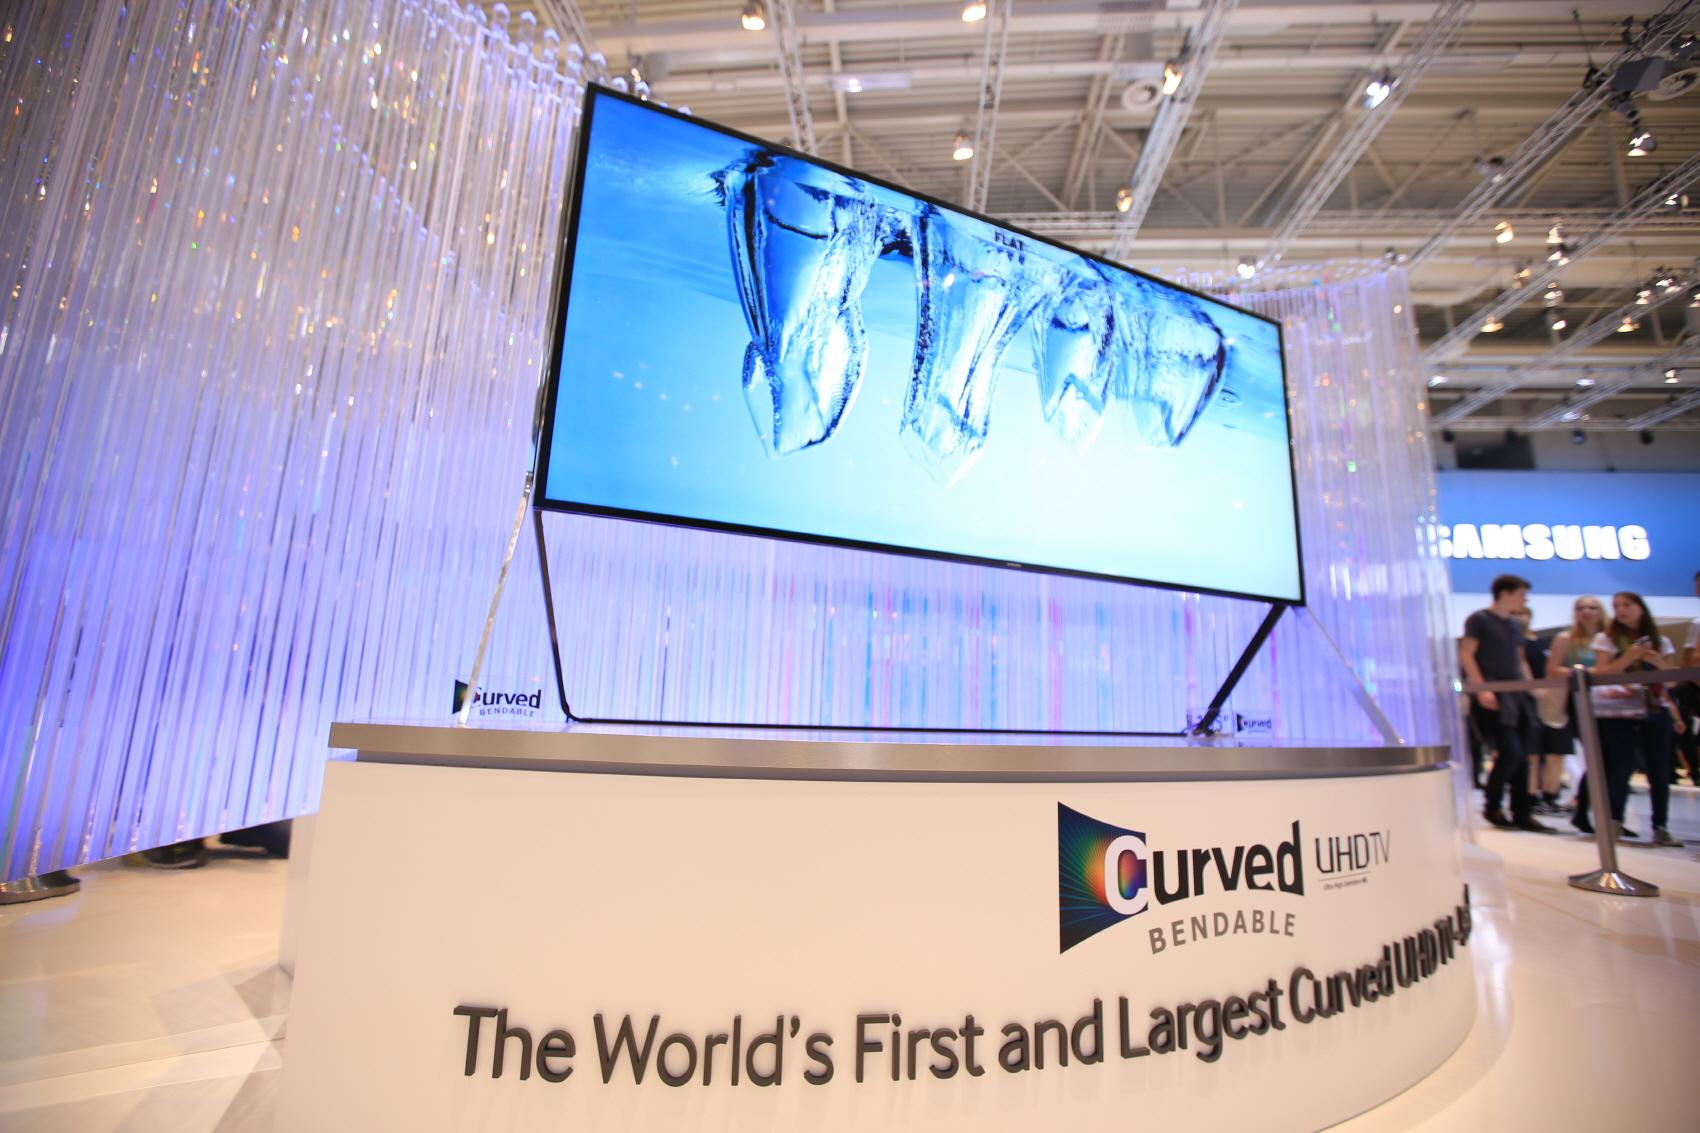 이것은 '삼성 커브드 UHD TV 벤더블'의 모습입니다.